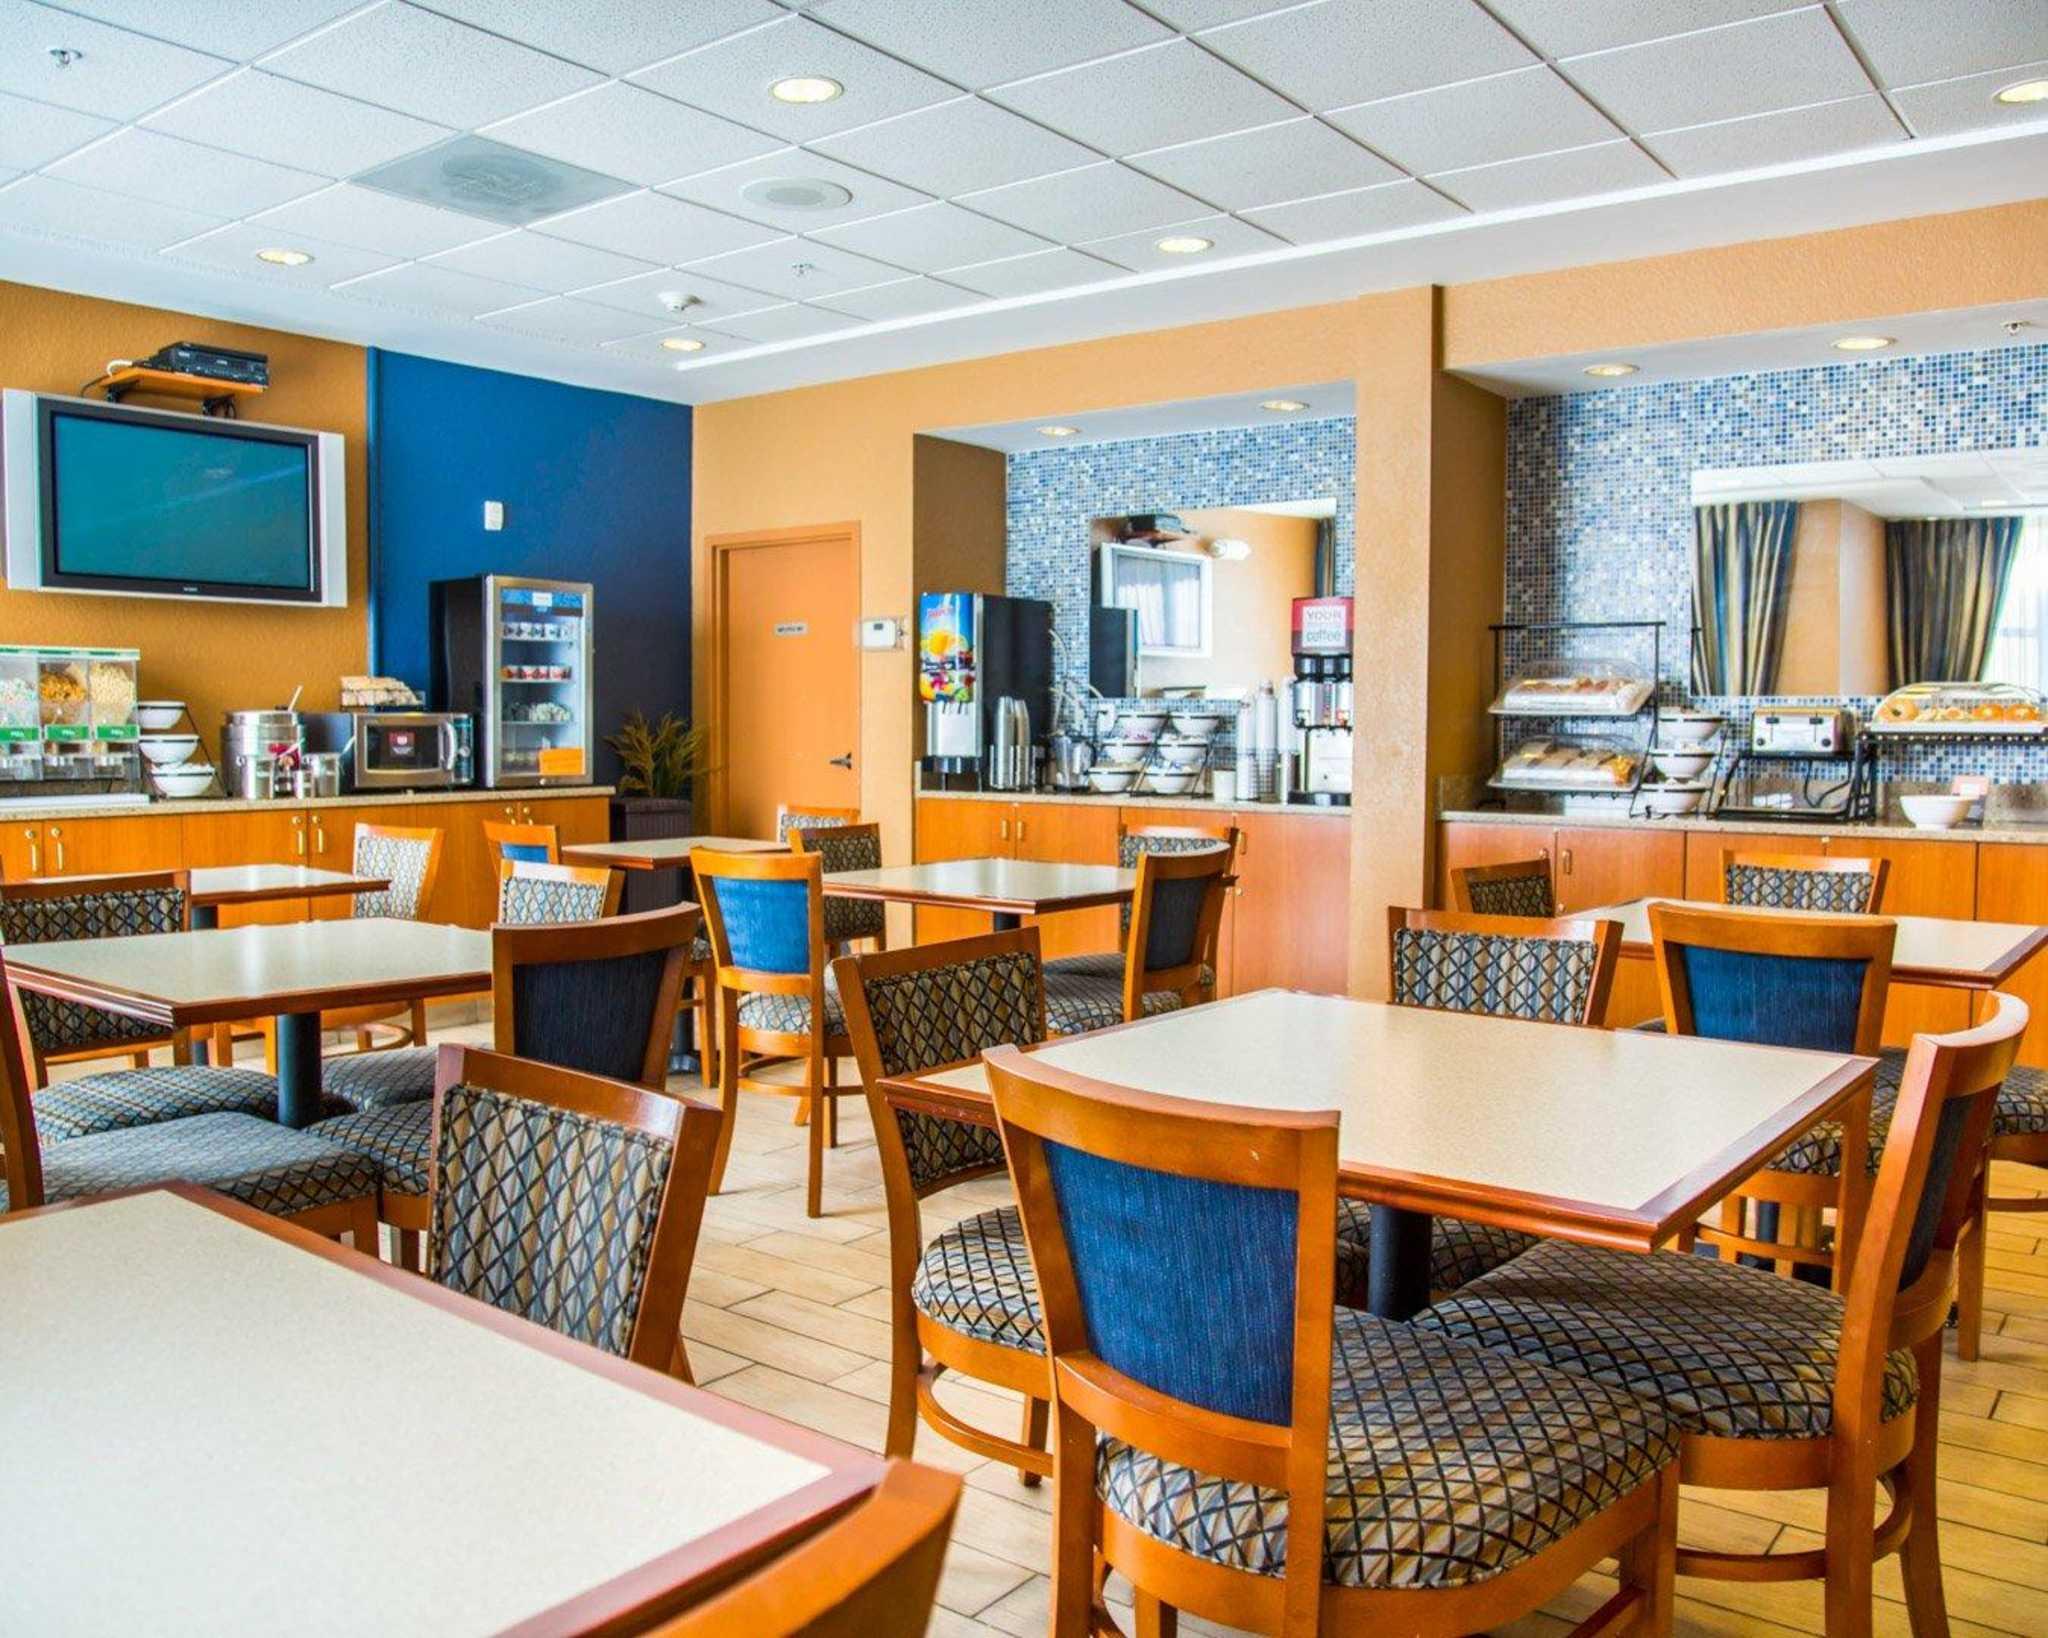 Days Inn Hotel Sanford Florida